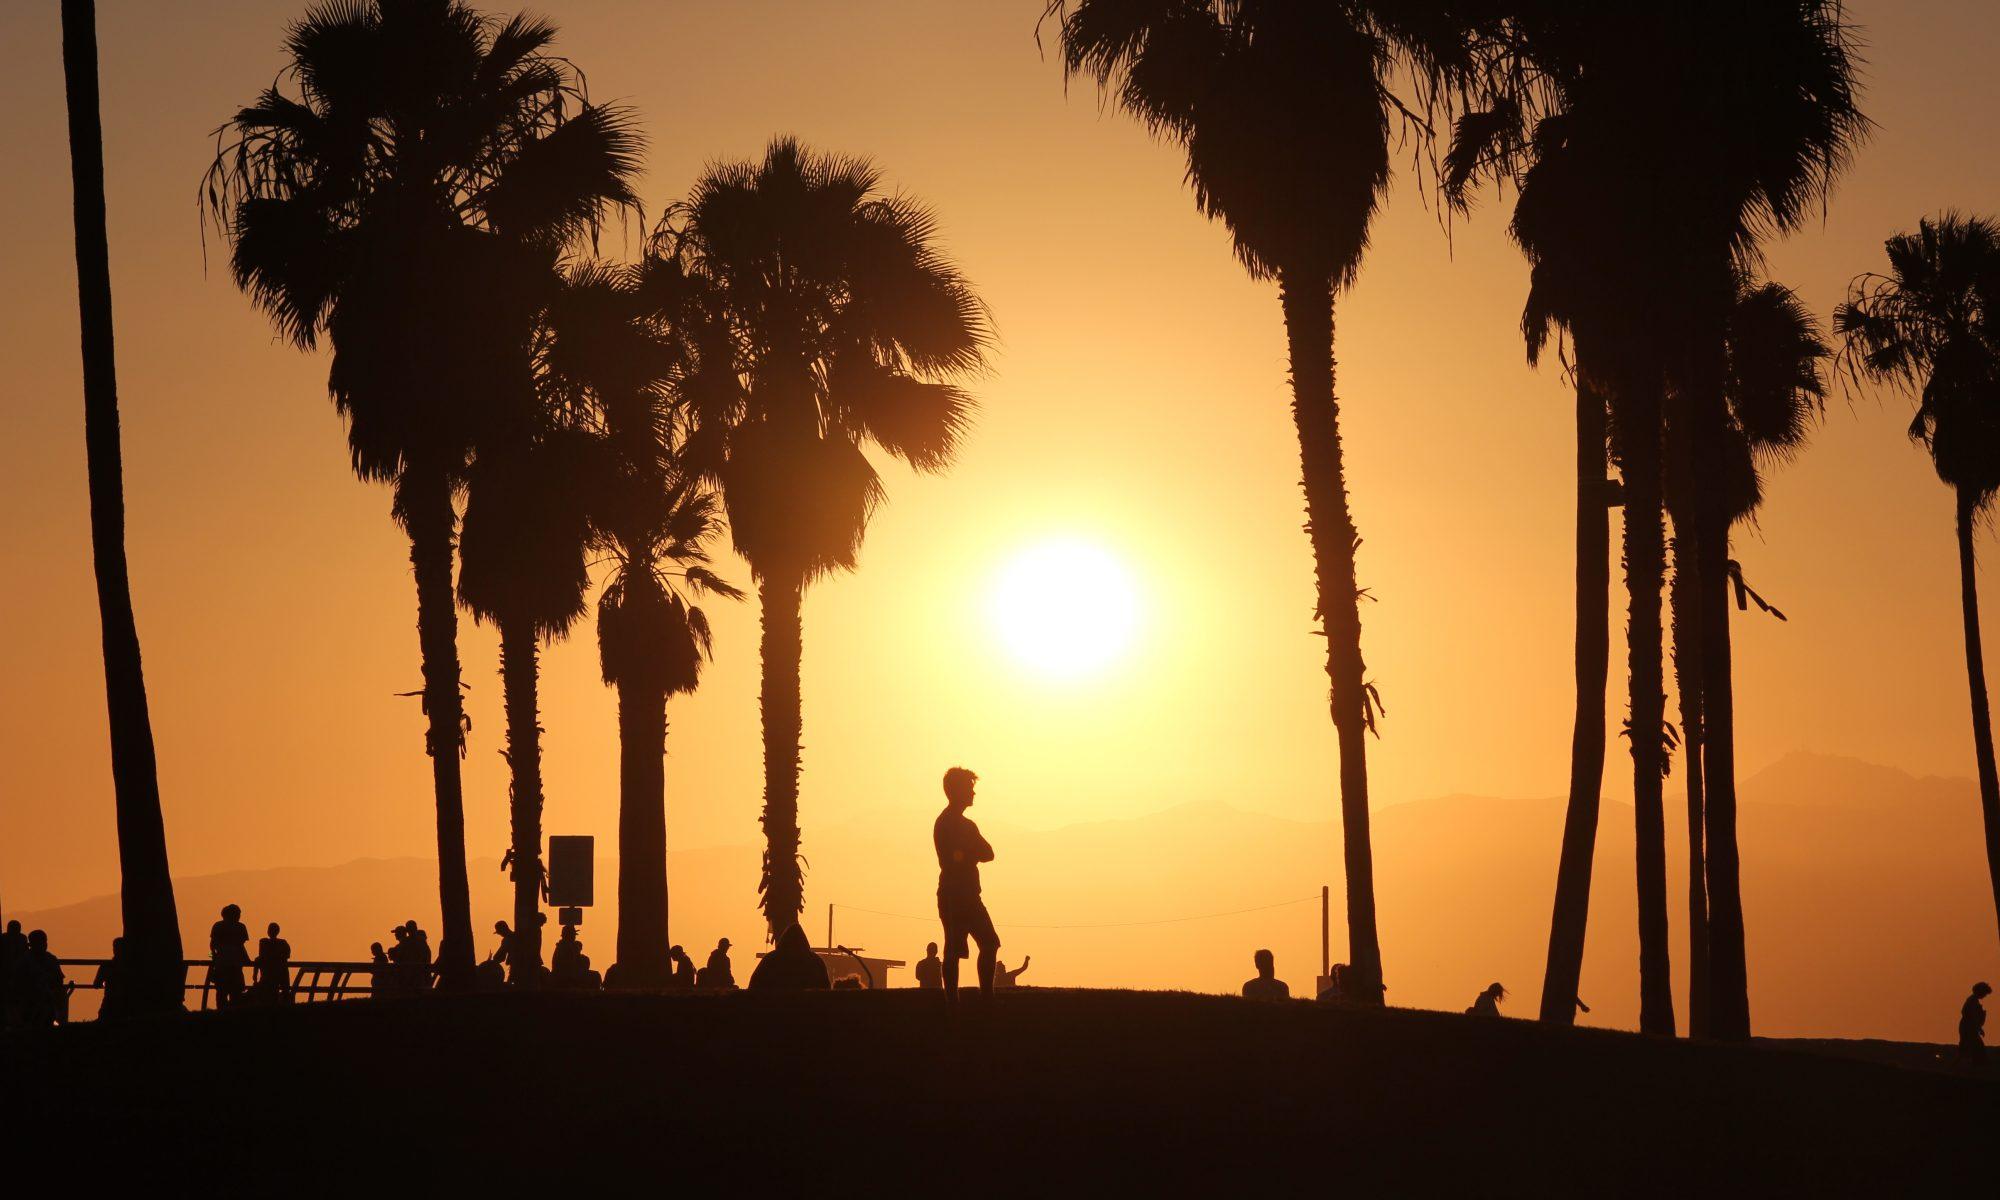 Sonnenuntergang mit Palmen und Menschen, Venice Beach (2015)